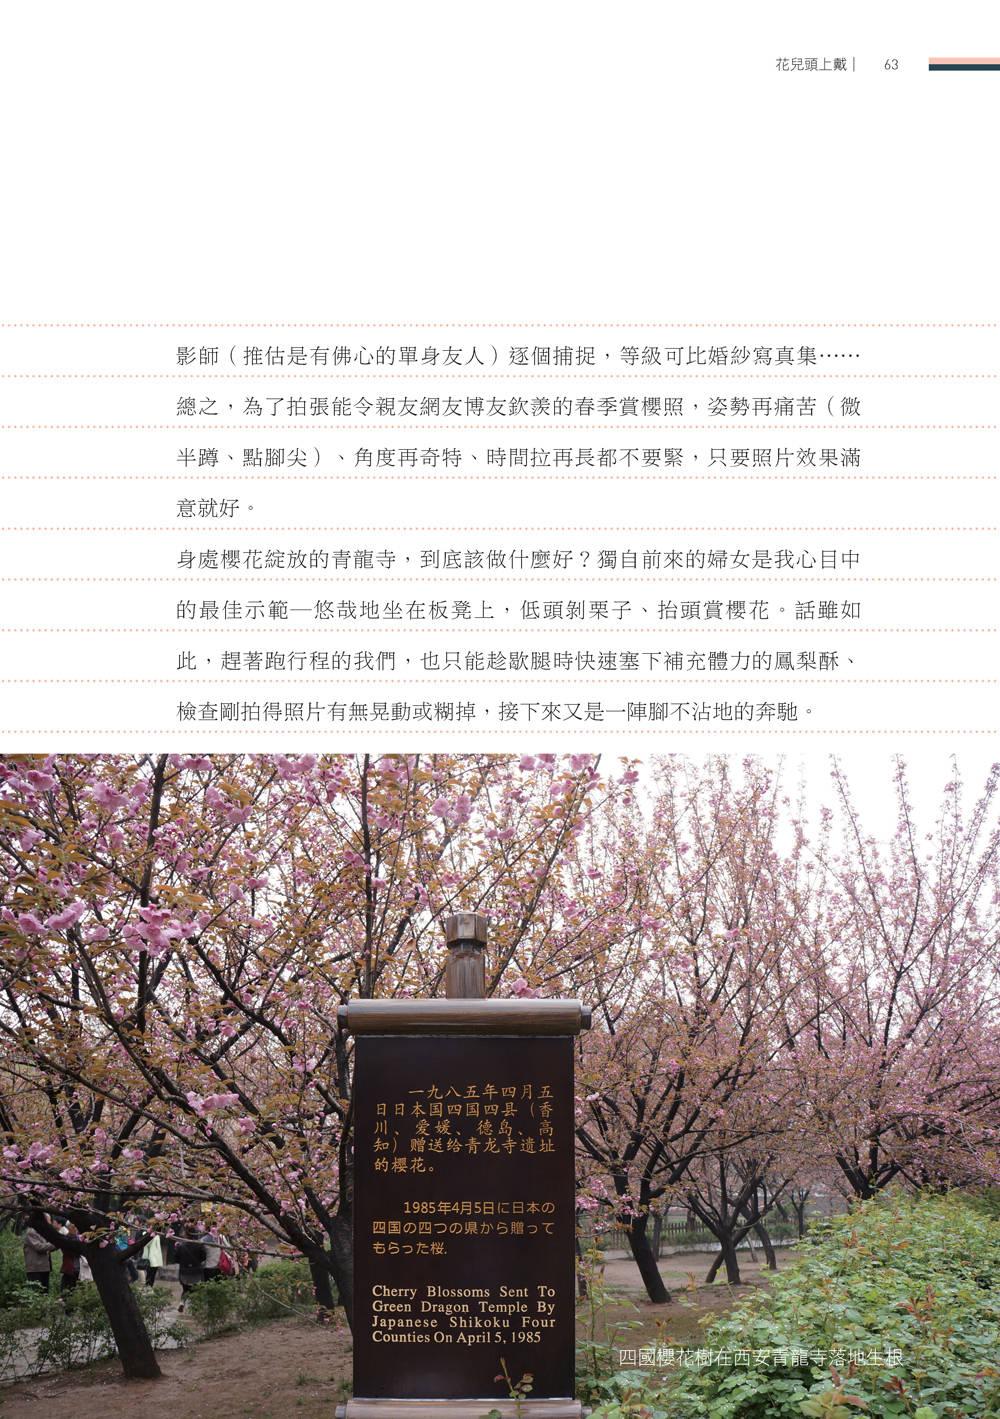 http://im2.book.com.tw/image/getImage?i=http://www.books.com.tw/img/001/071/93/0010719376_b_07.jpg&v=57629c41&w=655&h=609